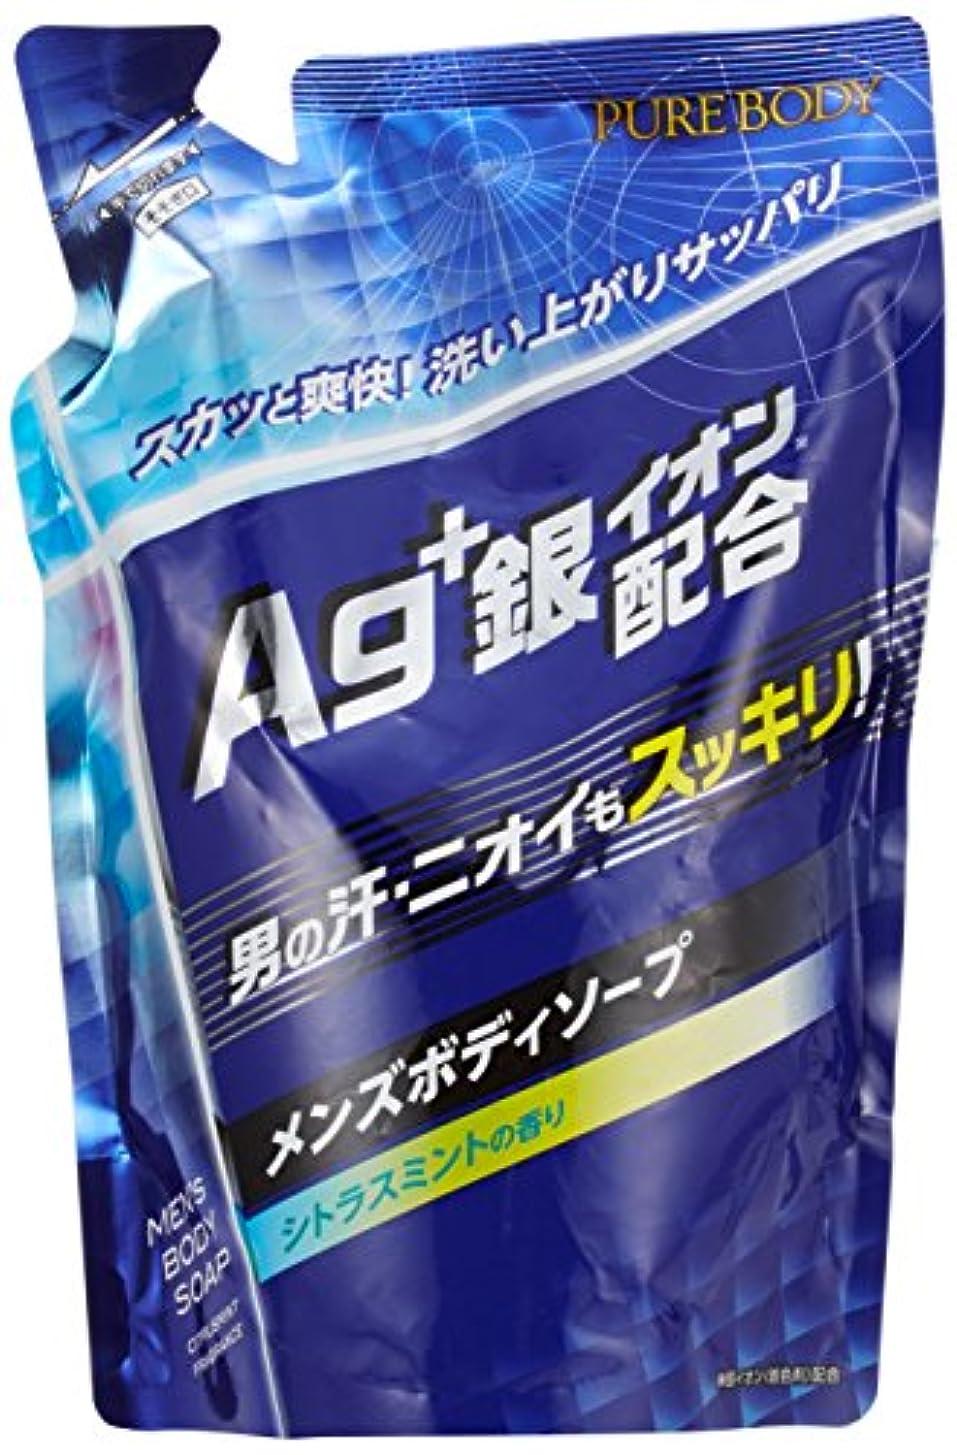 コジオスコナイトスポットマウスピースメンズボディソープ 銀イオン配合 シトラスミントの香り 400ml